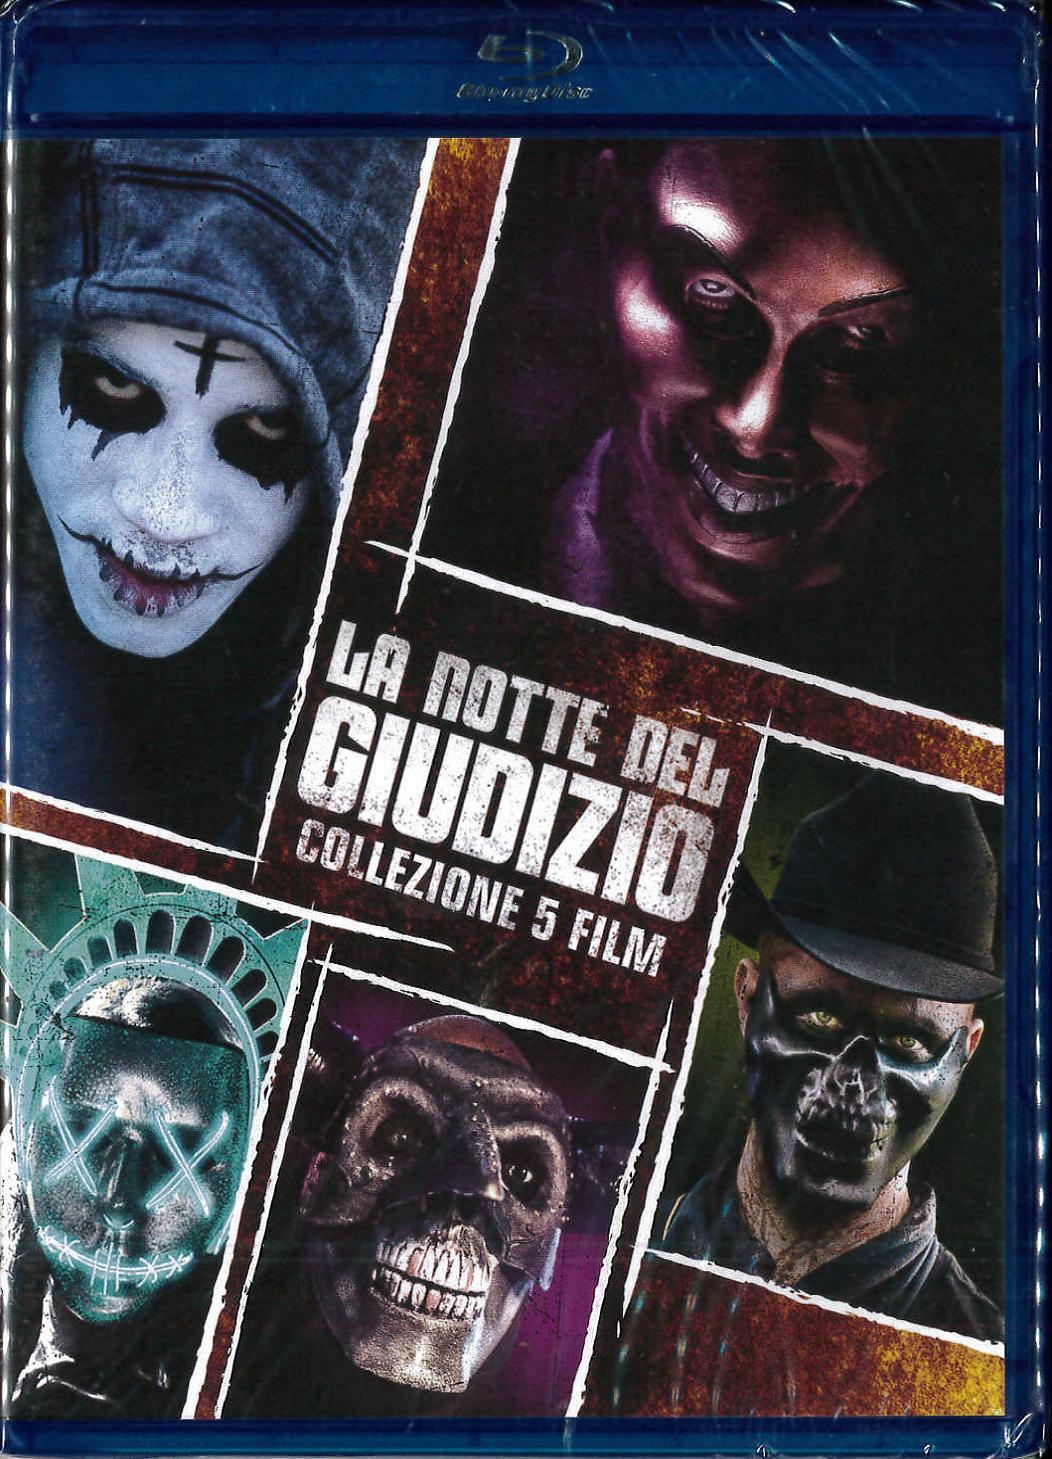 COF.LA NOTTE DEL GIUDIZIO COLLECTION (5 BLU-RAY)